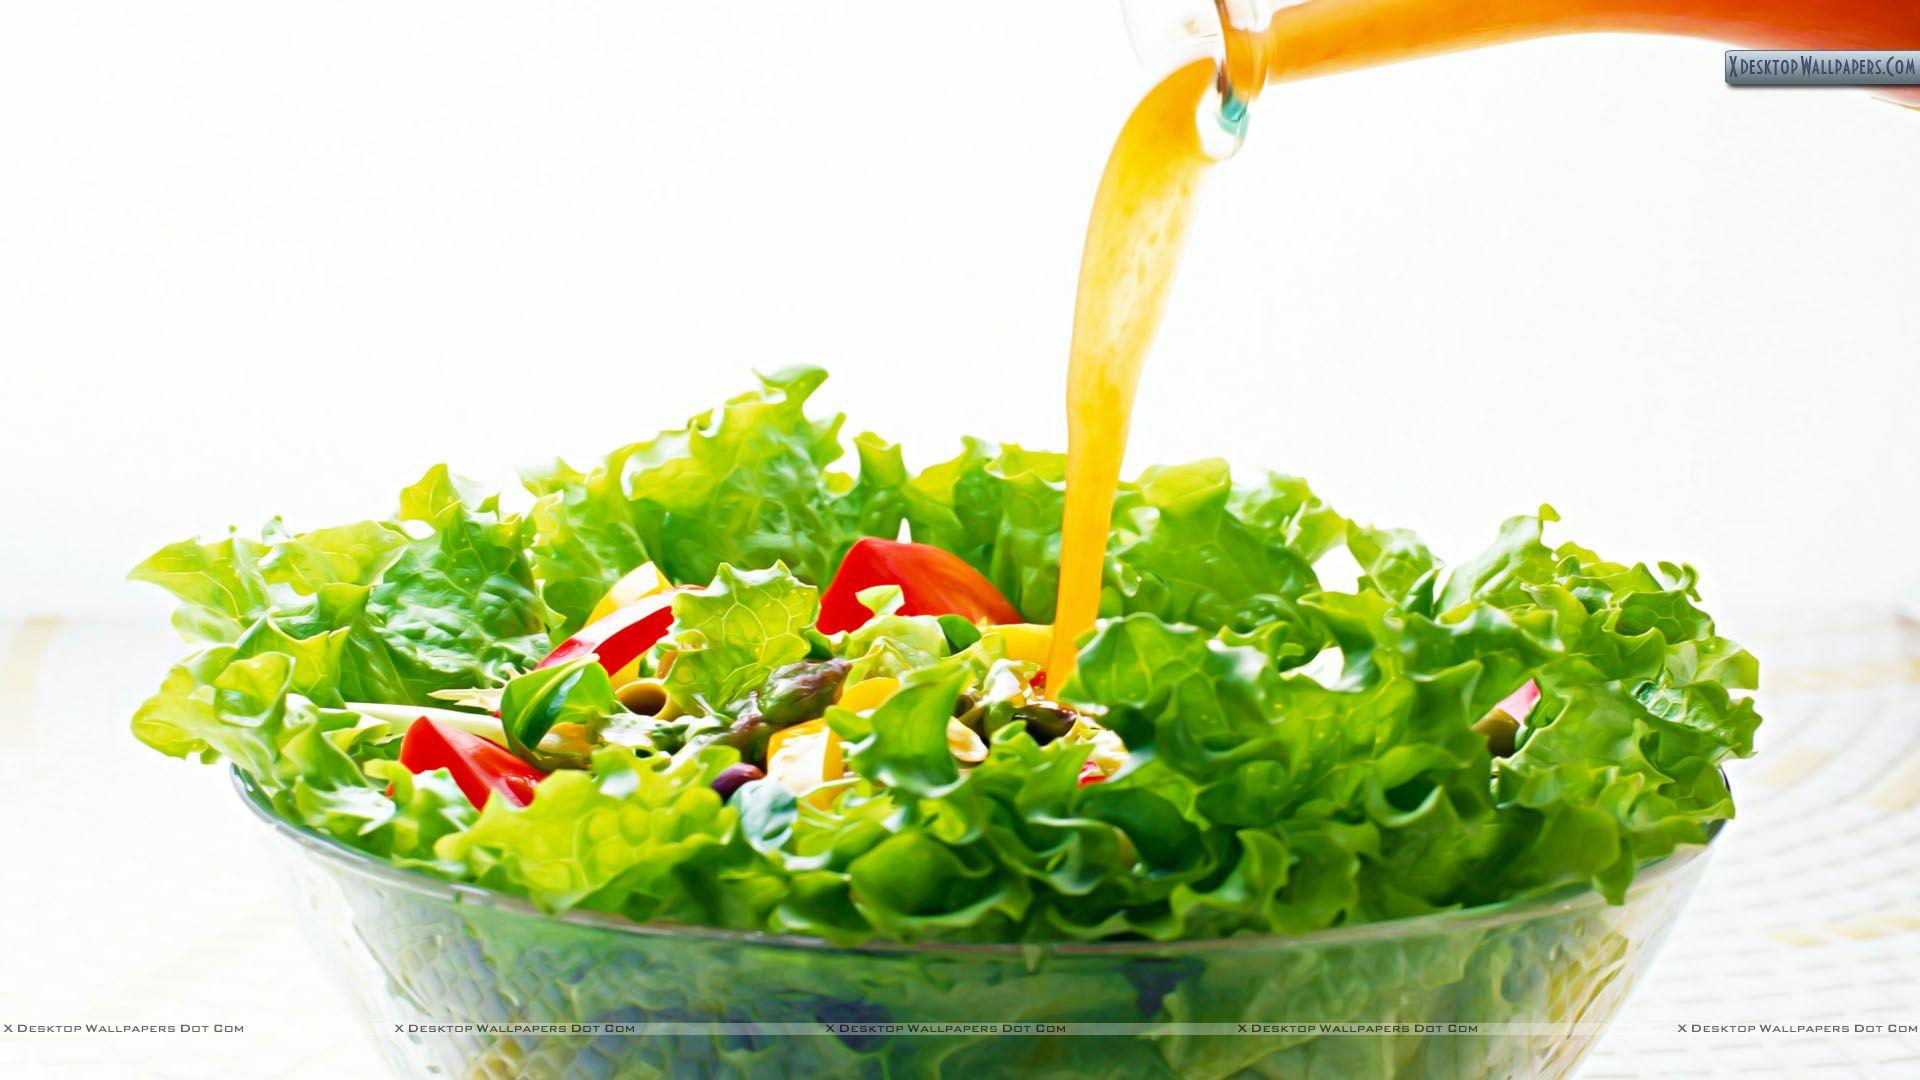 Free Salad Wallpaper 42156 2560x1600 px